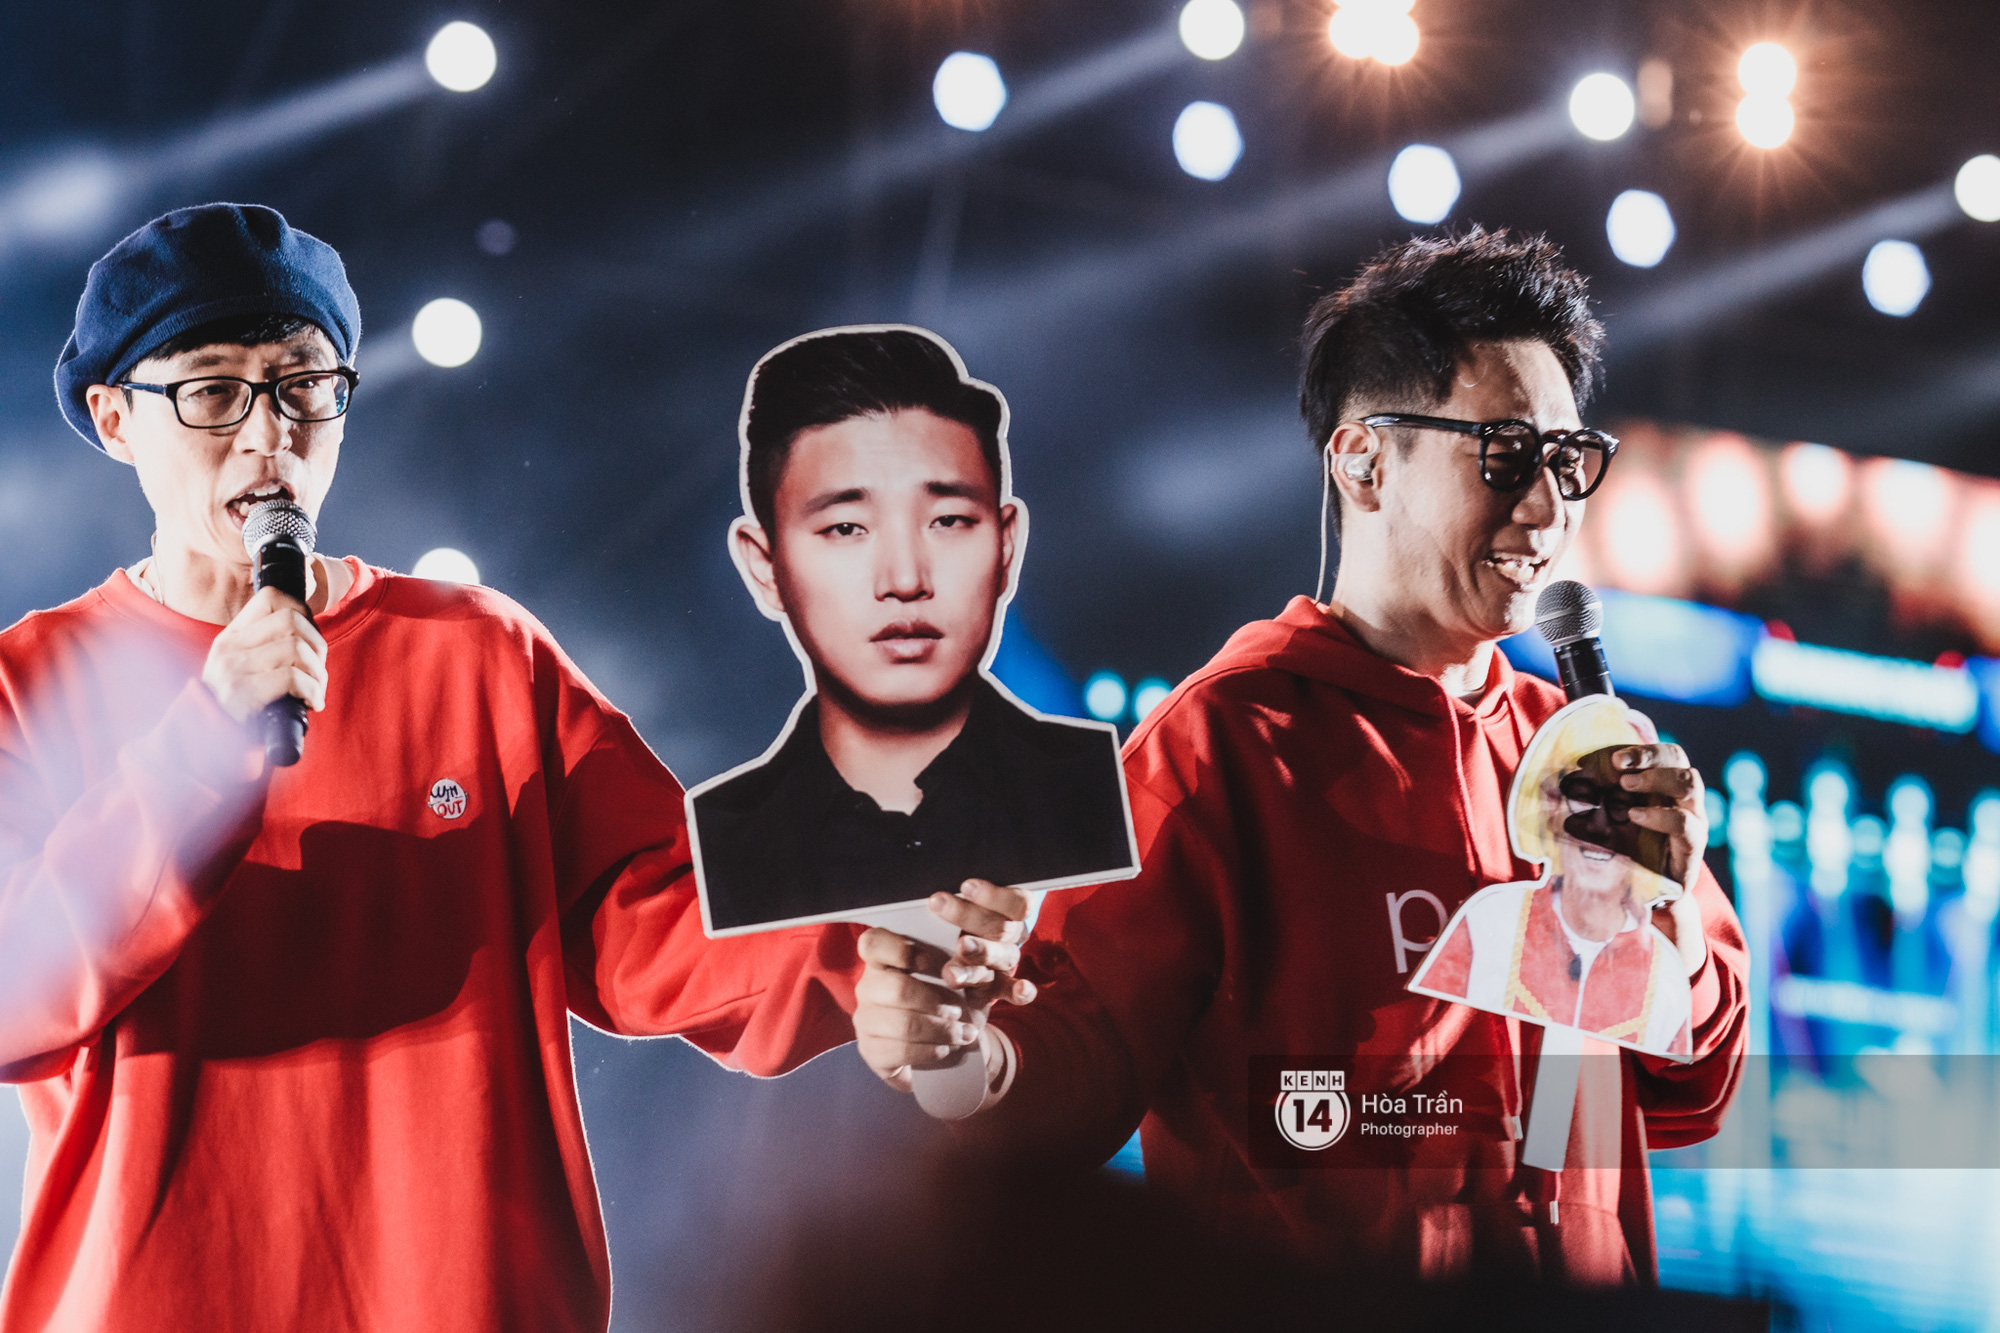 Fanmeeting Running Man tại Việt Nam: Chỉ có 8 thành viên nhưng với fan, họ mãi là 9012! - Ảnh 9.